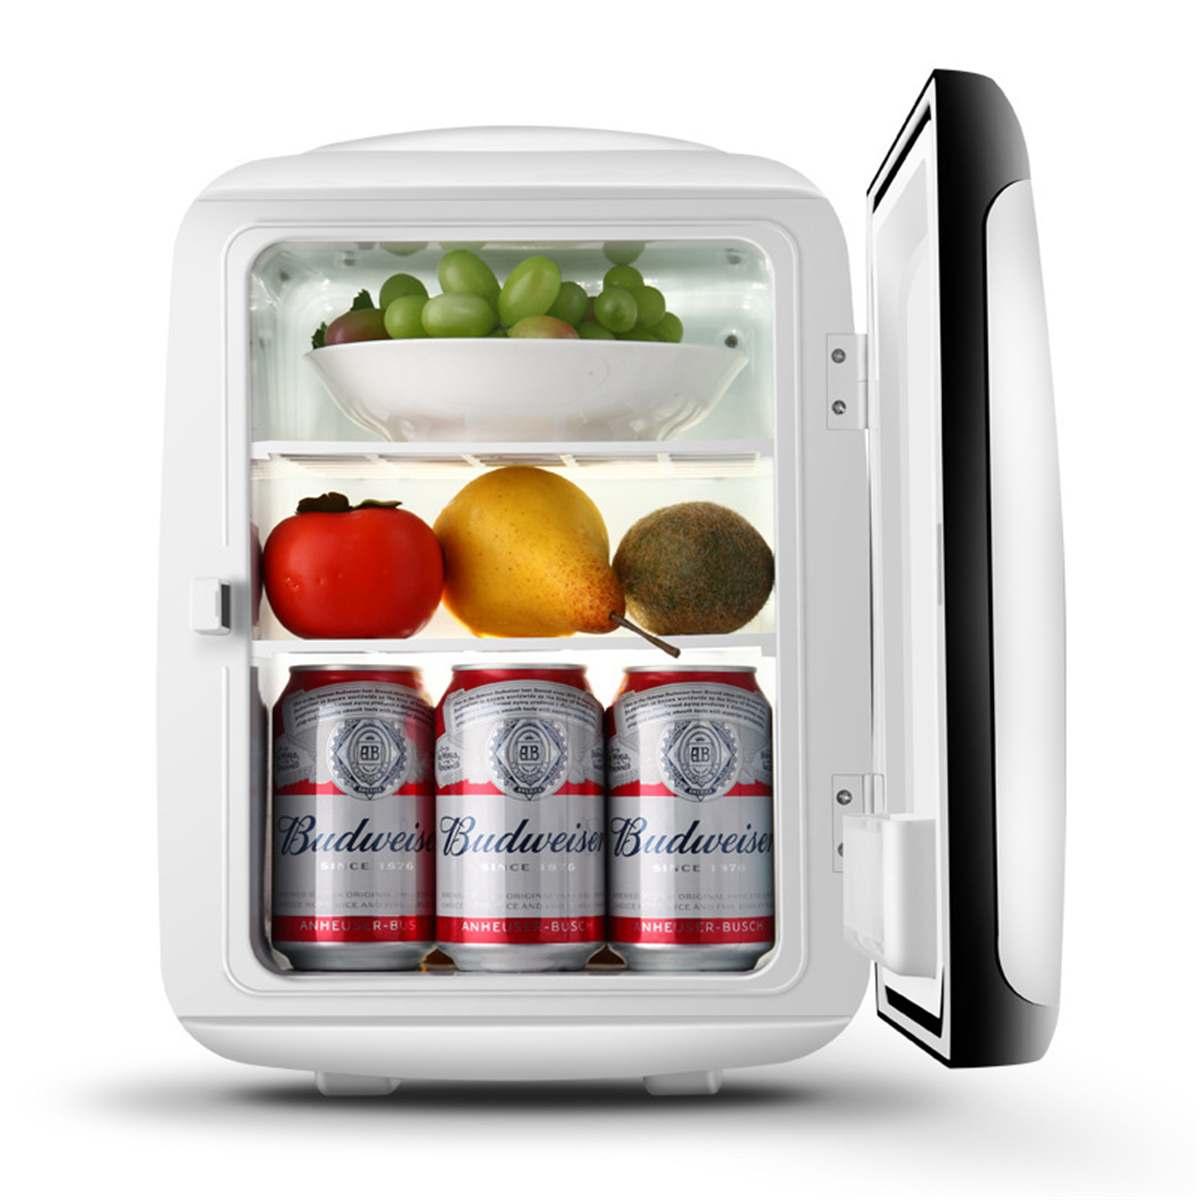 13L Mini Fridge Refrigerator Dual-core 12V /110V Portable Car Home Freezer Frigo Nevera Dormitory Apartment Refrigerated Box